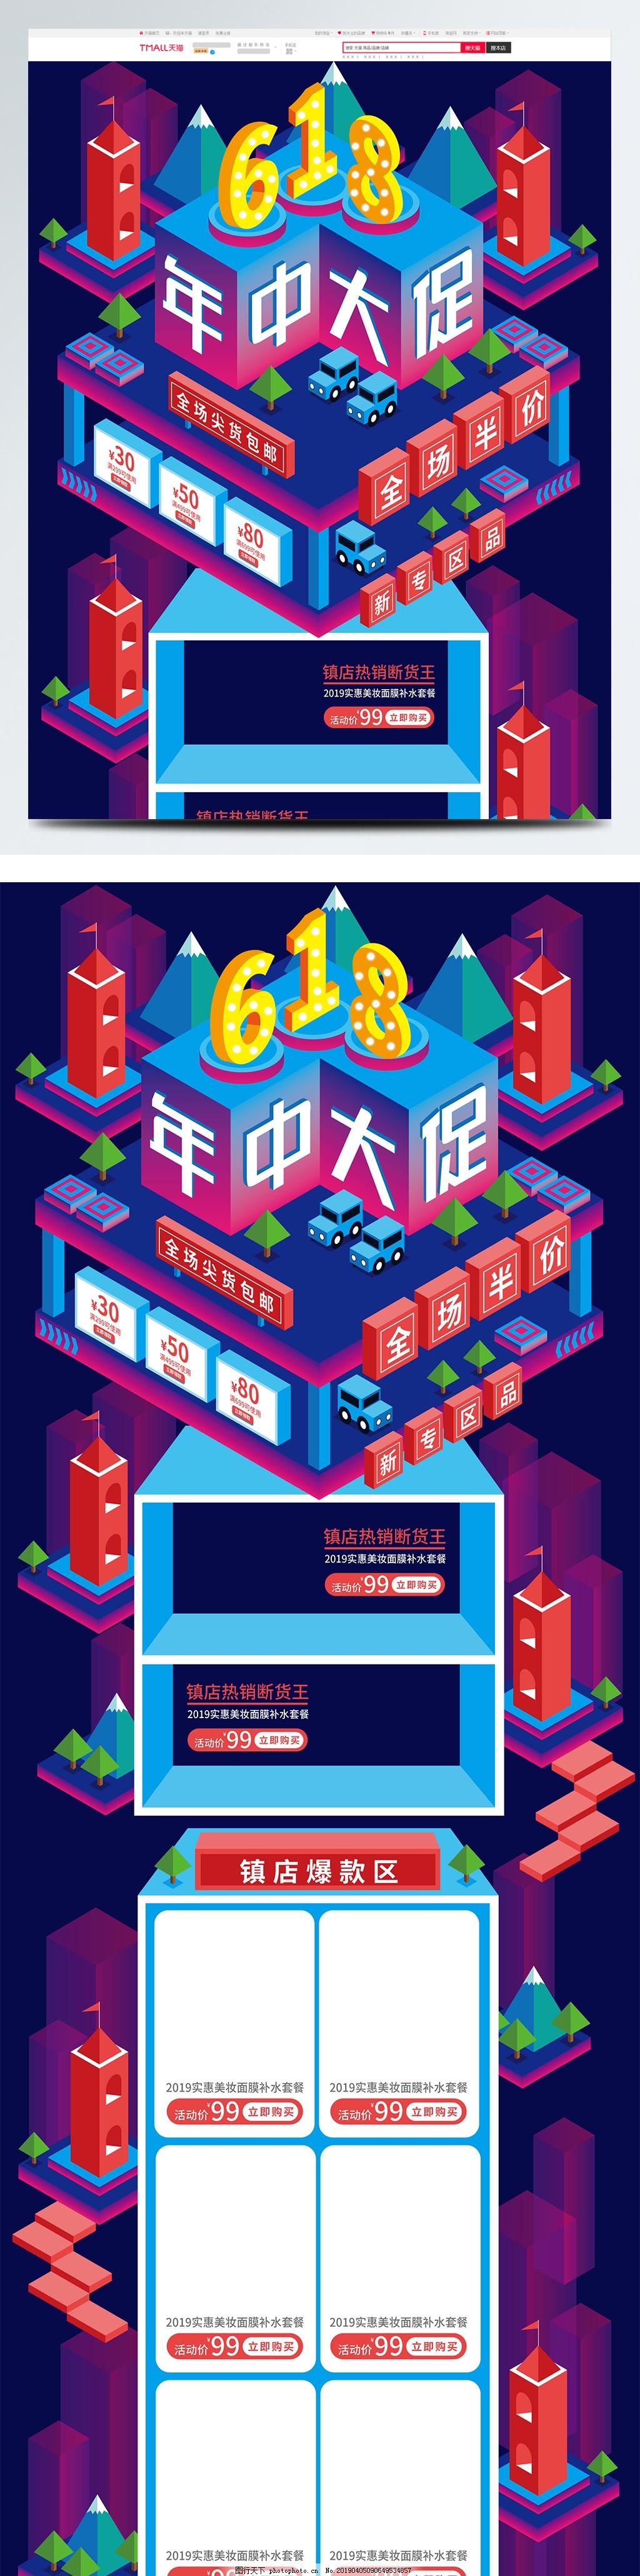 蓝色25D手绘风618年中大促活动首页,电商,天猫,淘宝,京东,模板,促销